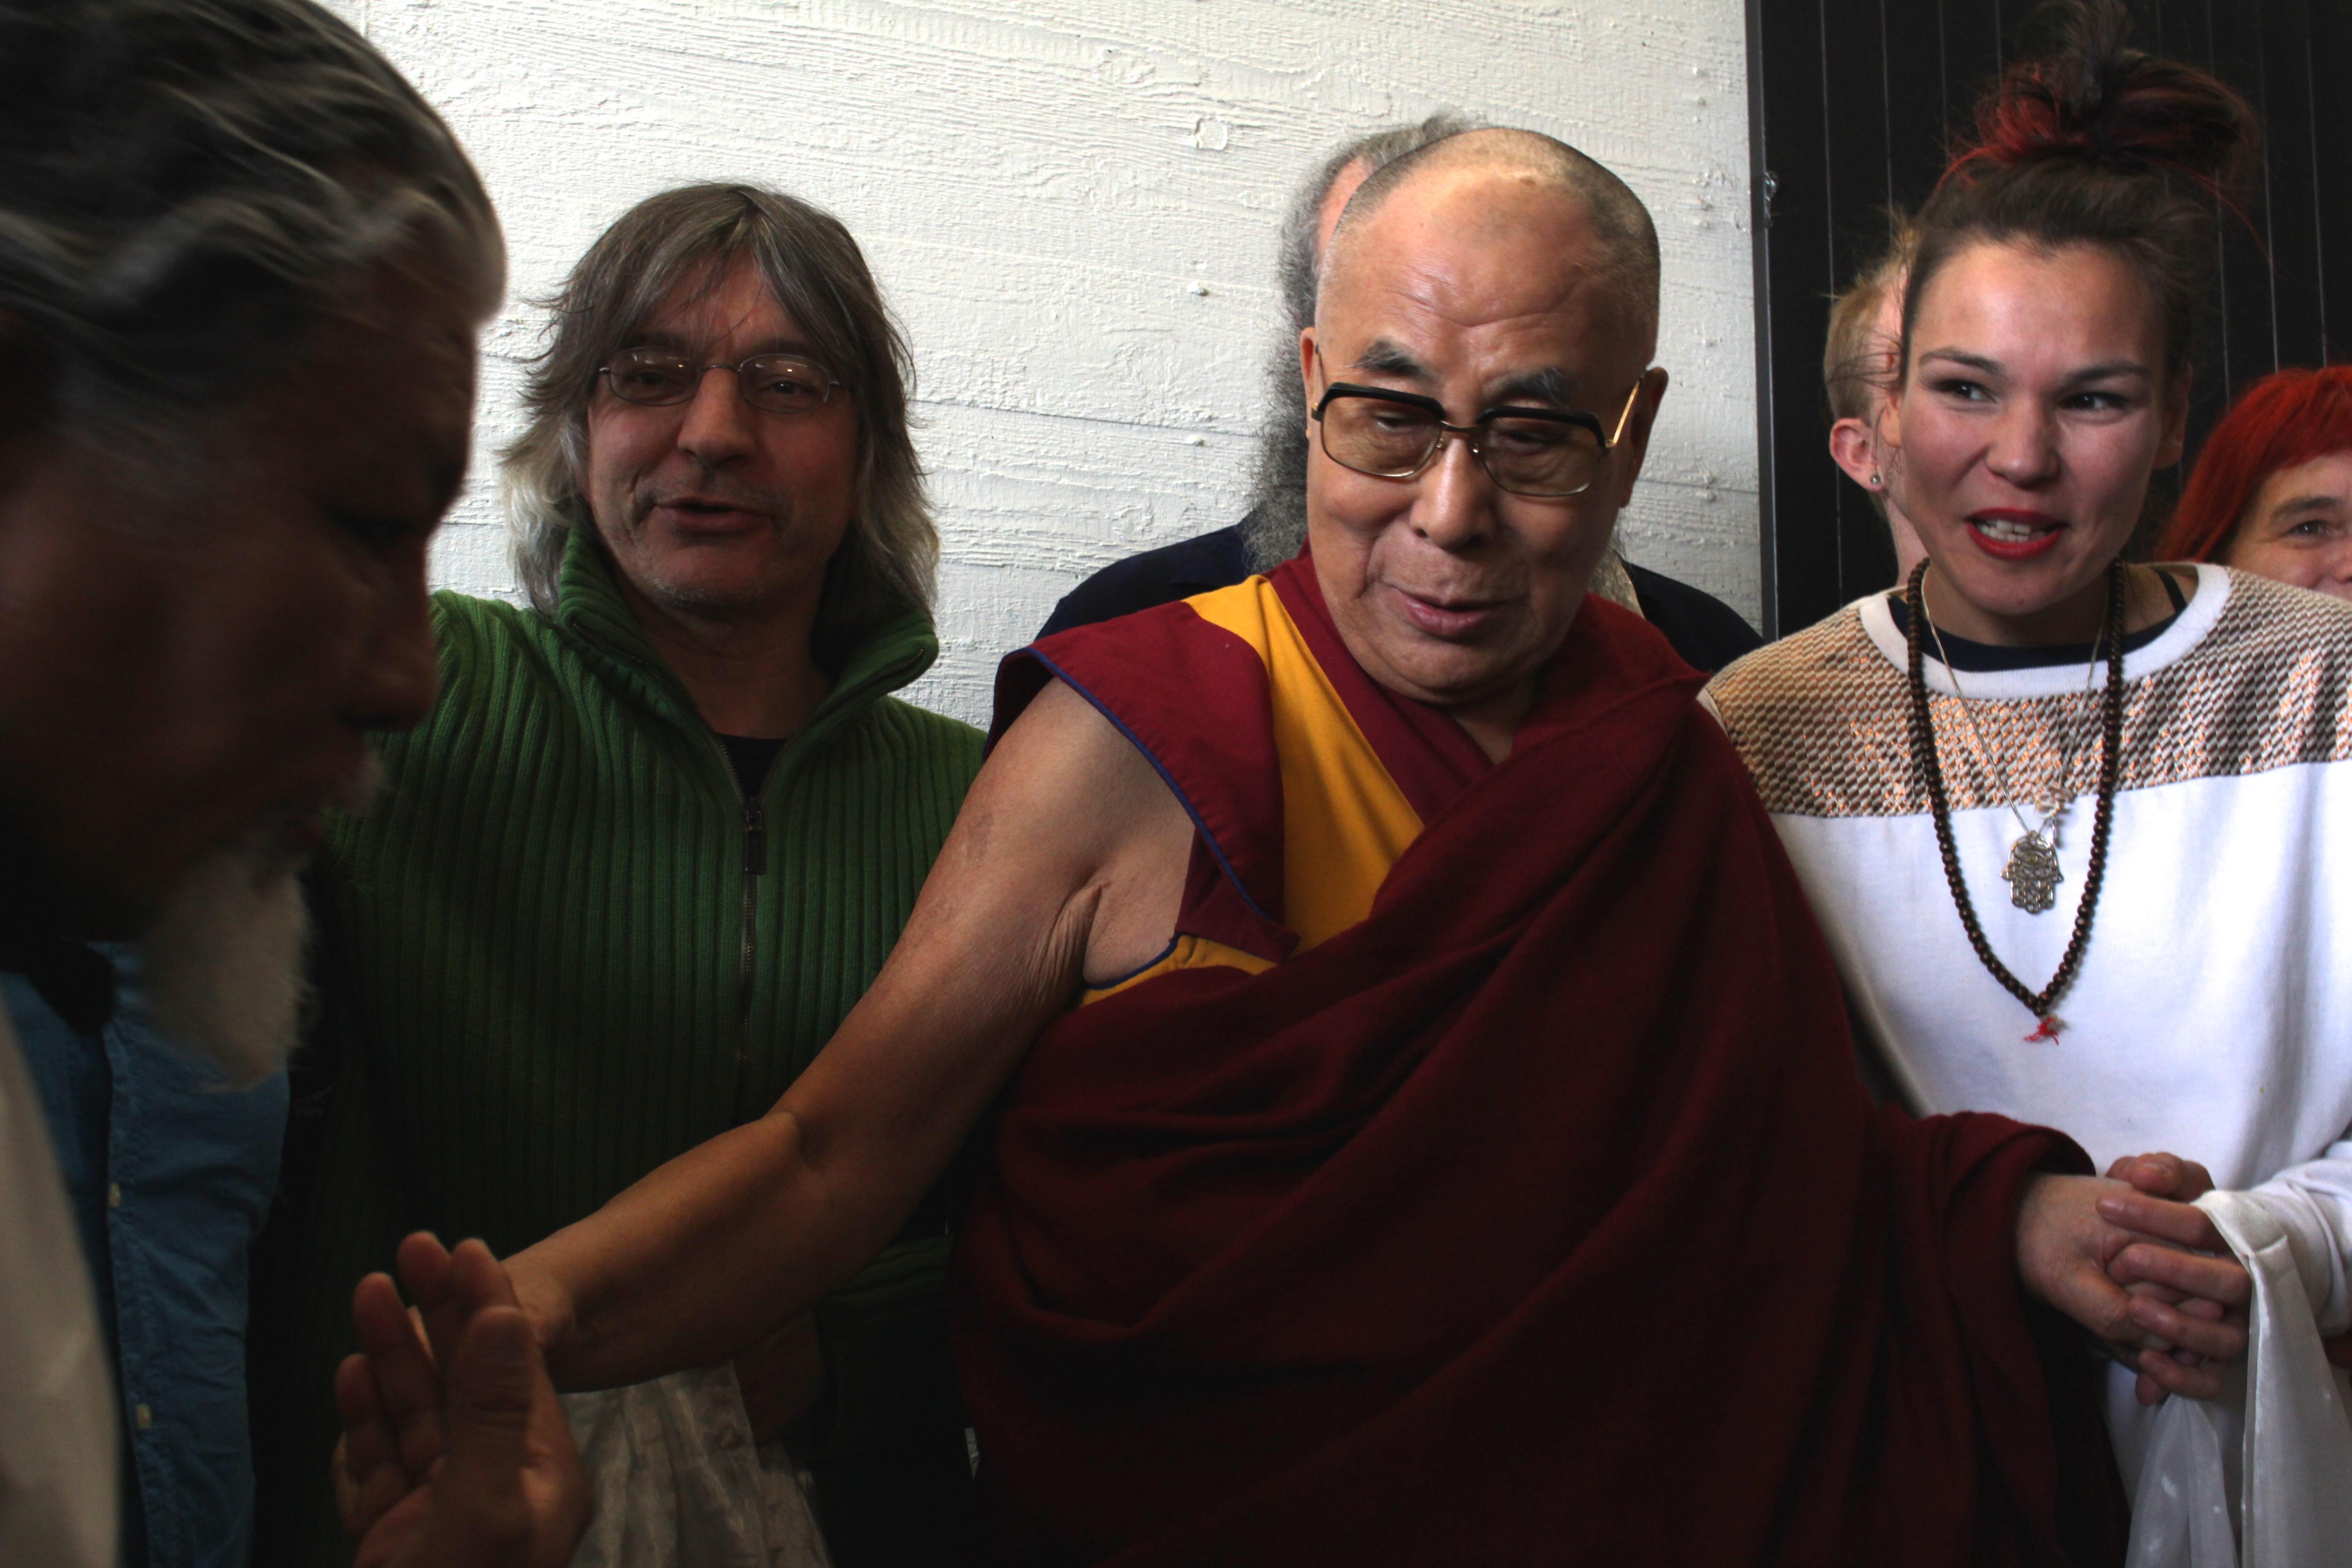 Loten Namling, Franz Treichler und Kate Wax posieren gemeinsam mit dem Dalai Lama für ein Erinnerungsfoto.